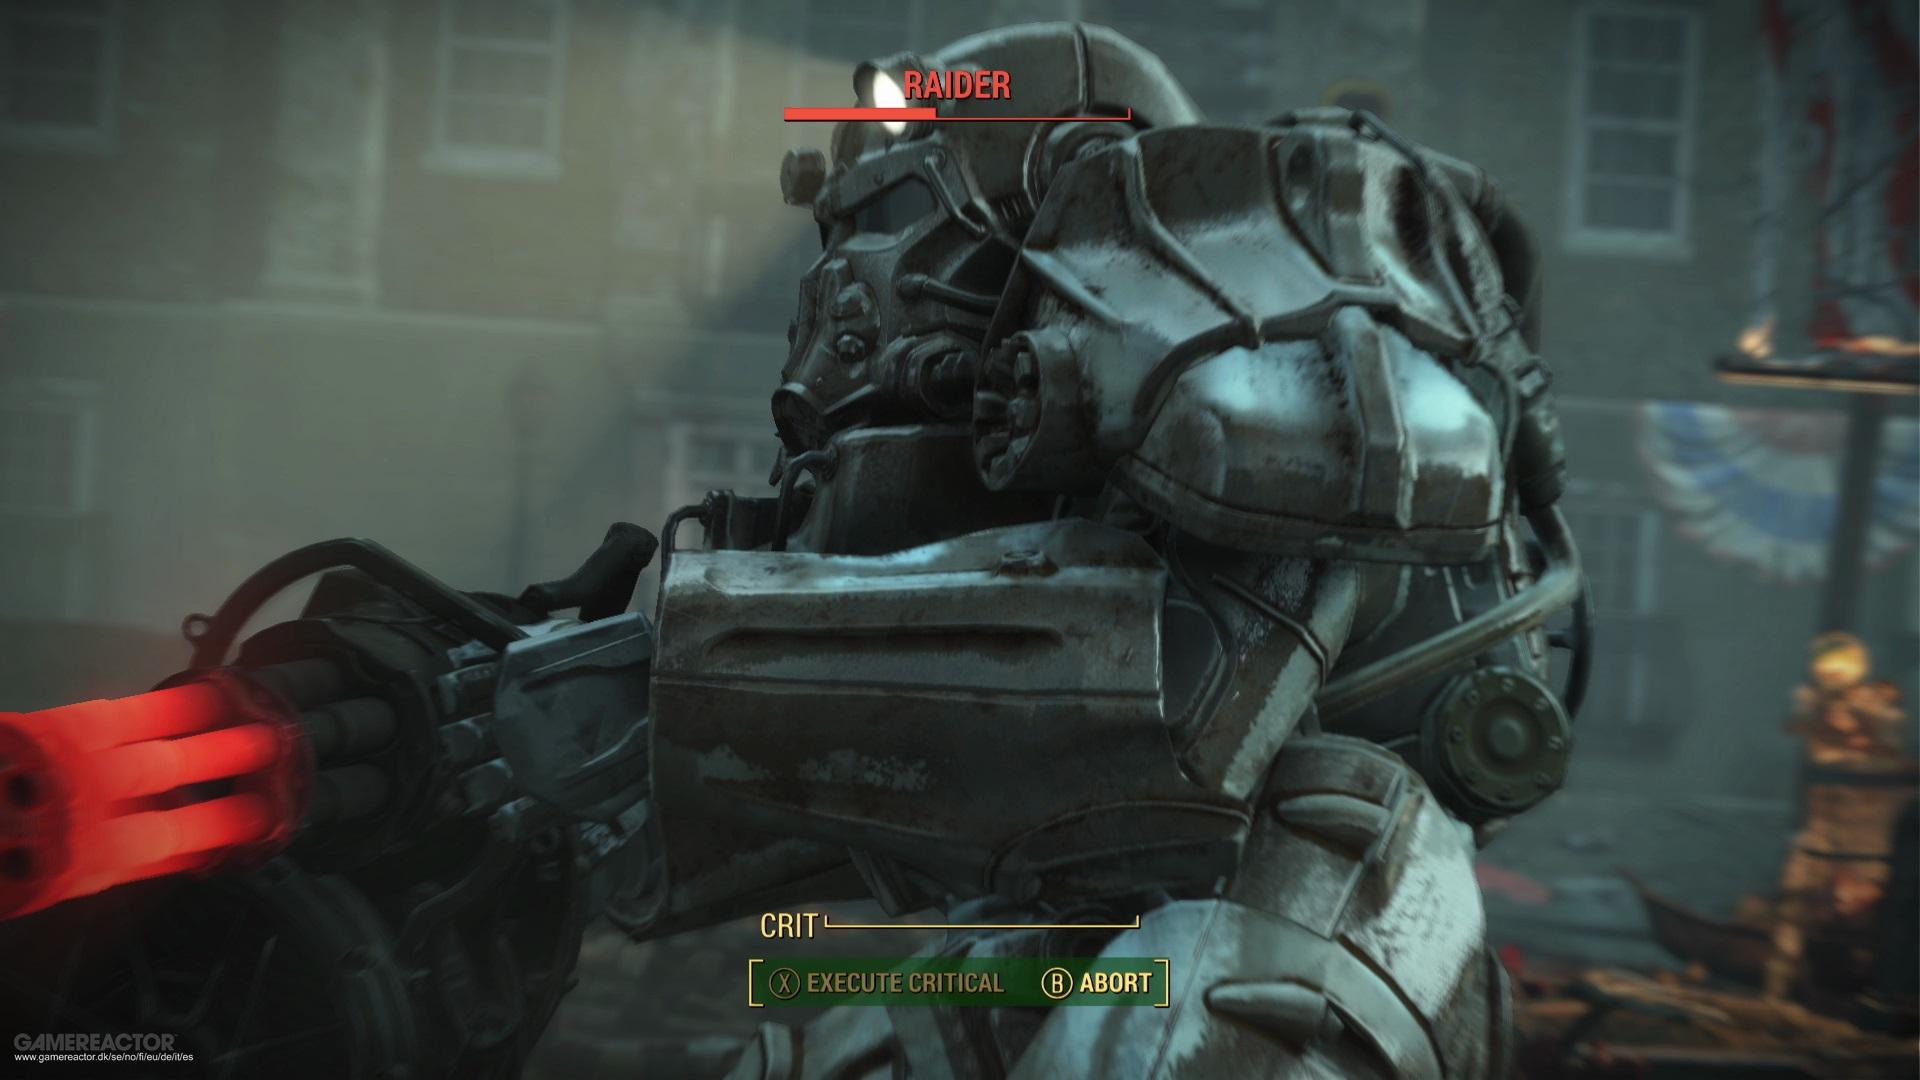 Fallout 4 vyjde už v listopadu. Hra se předvedla na E3 110190